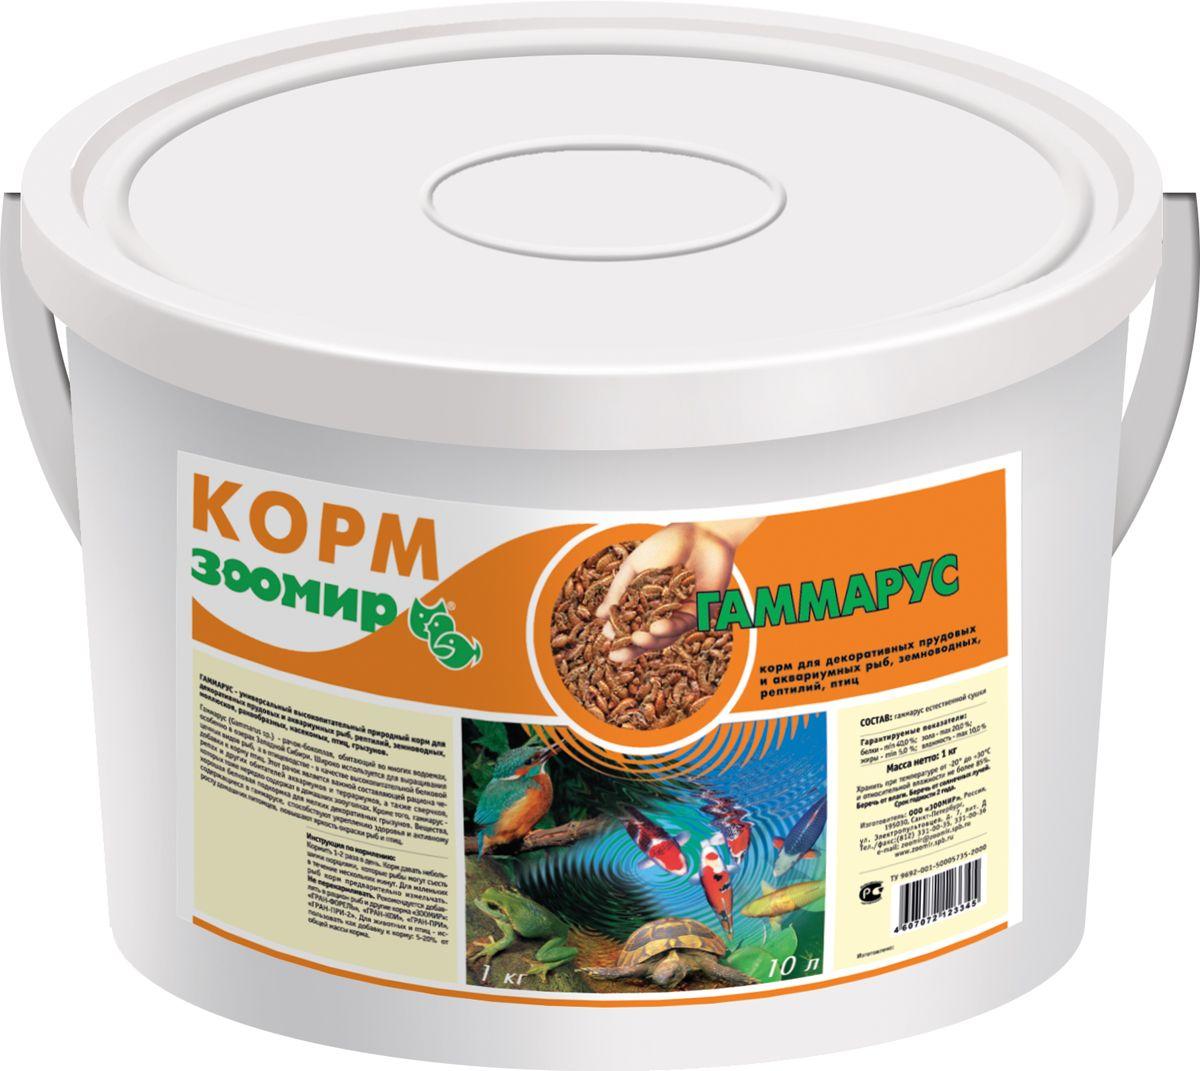 Корм Зоомир Гаммарус, для прудовых и аквариумных рыб, рептилий, 10 л корм вака высокое качество просо для птиц и грызунов 500 гр